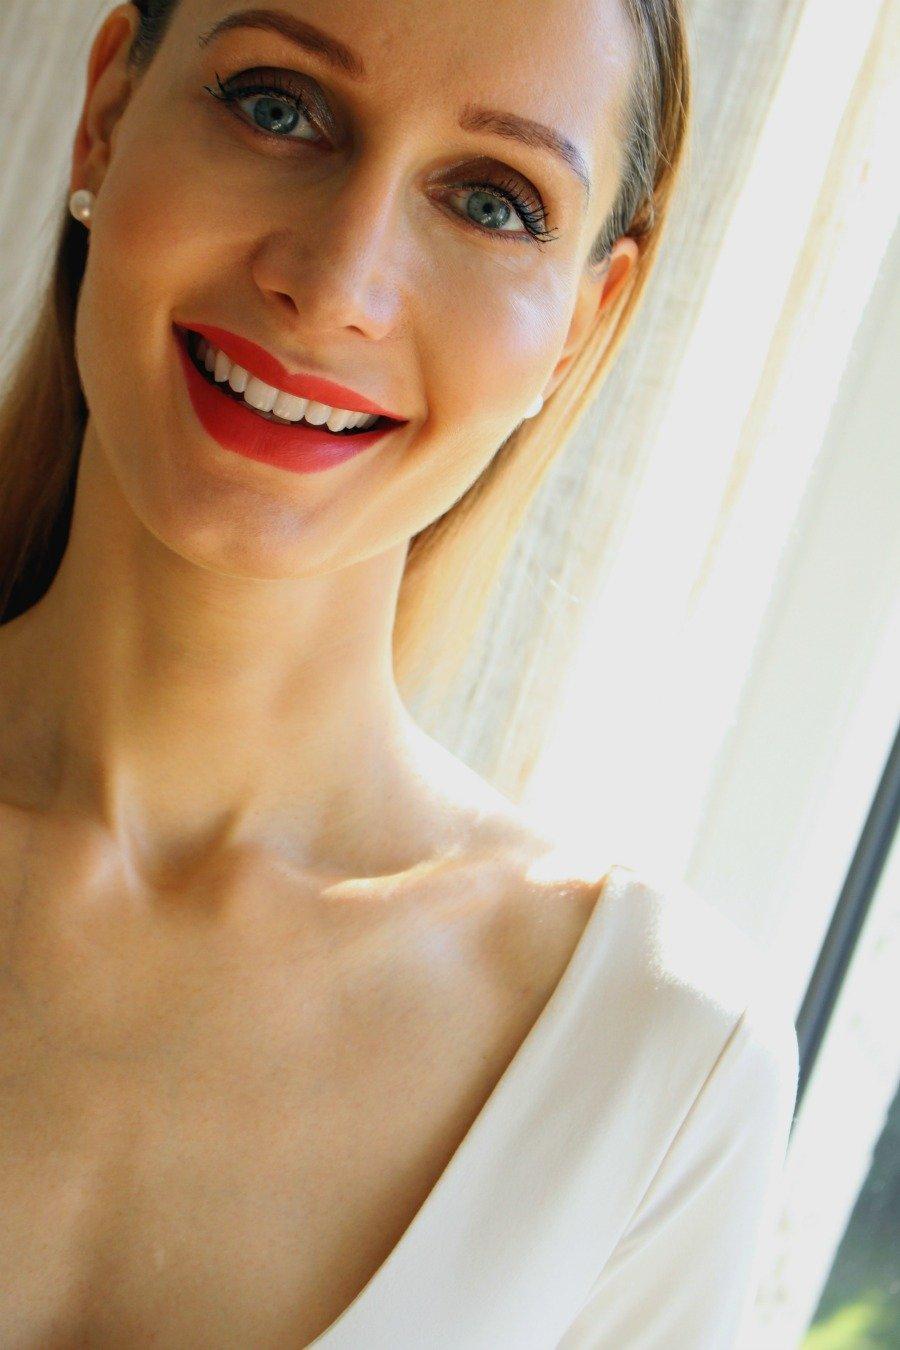 Zahnpflege Tipps, natürlich weiße Zähne bekommen, weiße Zähne ohne Bleaching, Zahnbeläge ohne Zahnarzt entfernen, strahlend weiße Zähne ohne Bleaching, Super Twins Zahnpflege, Super Twins Annalena und Magdalena